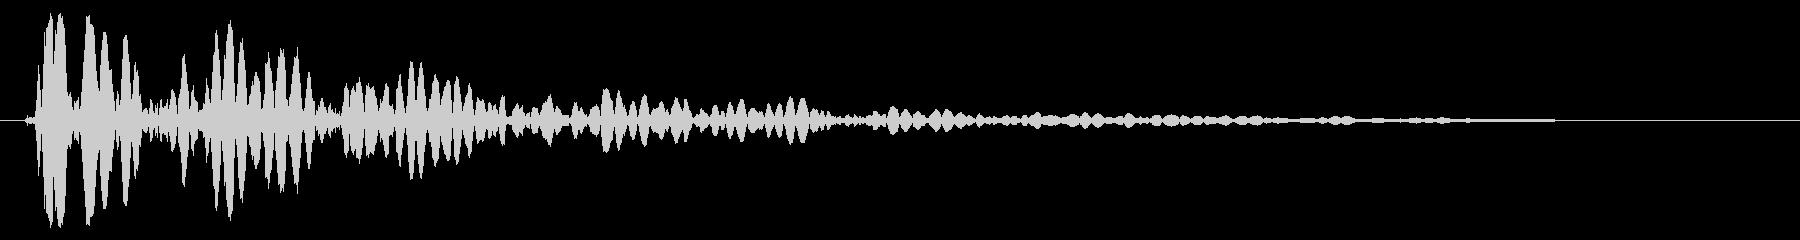 ドン(低いドラムの音)の未再生の波形